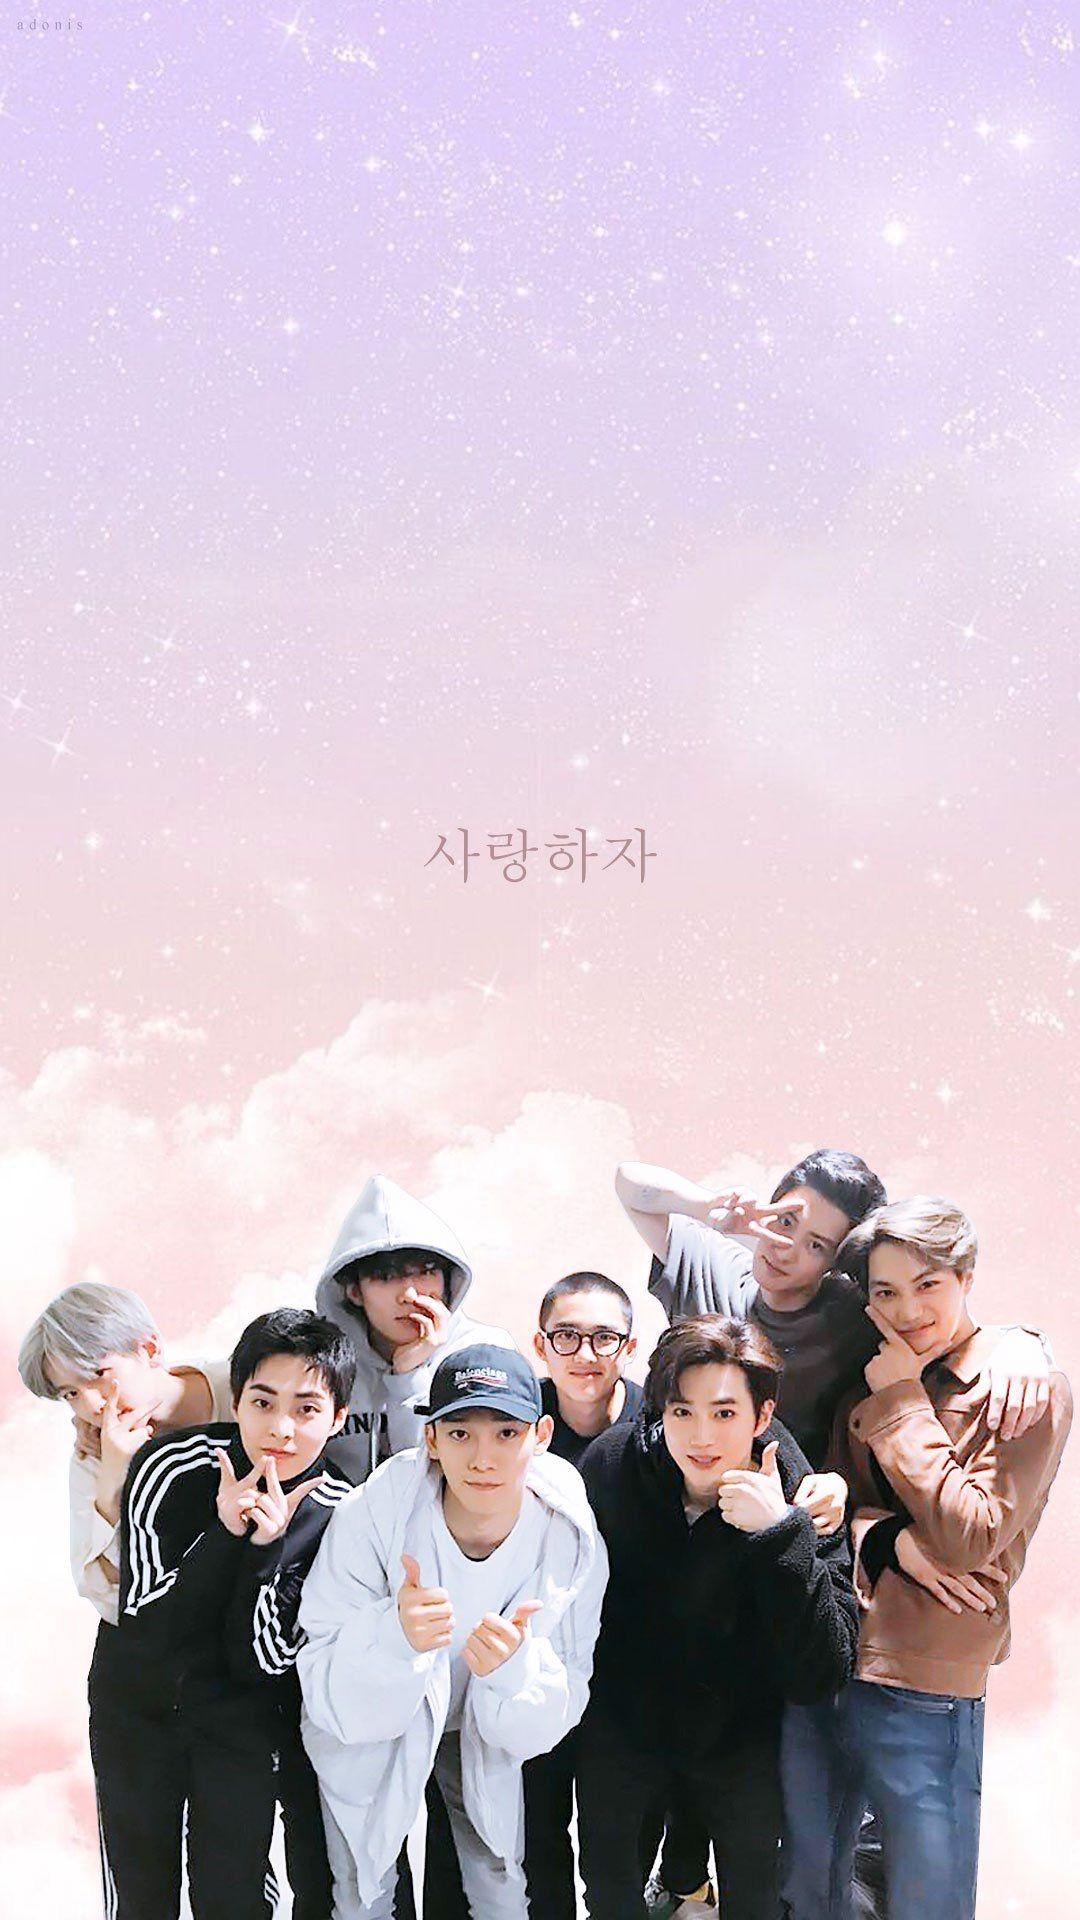 Exo Wallpaper Iphone Exo Lockscreen Xiumin Sehun - Exo 2019 , HD Wallpaper & Backgrounds